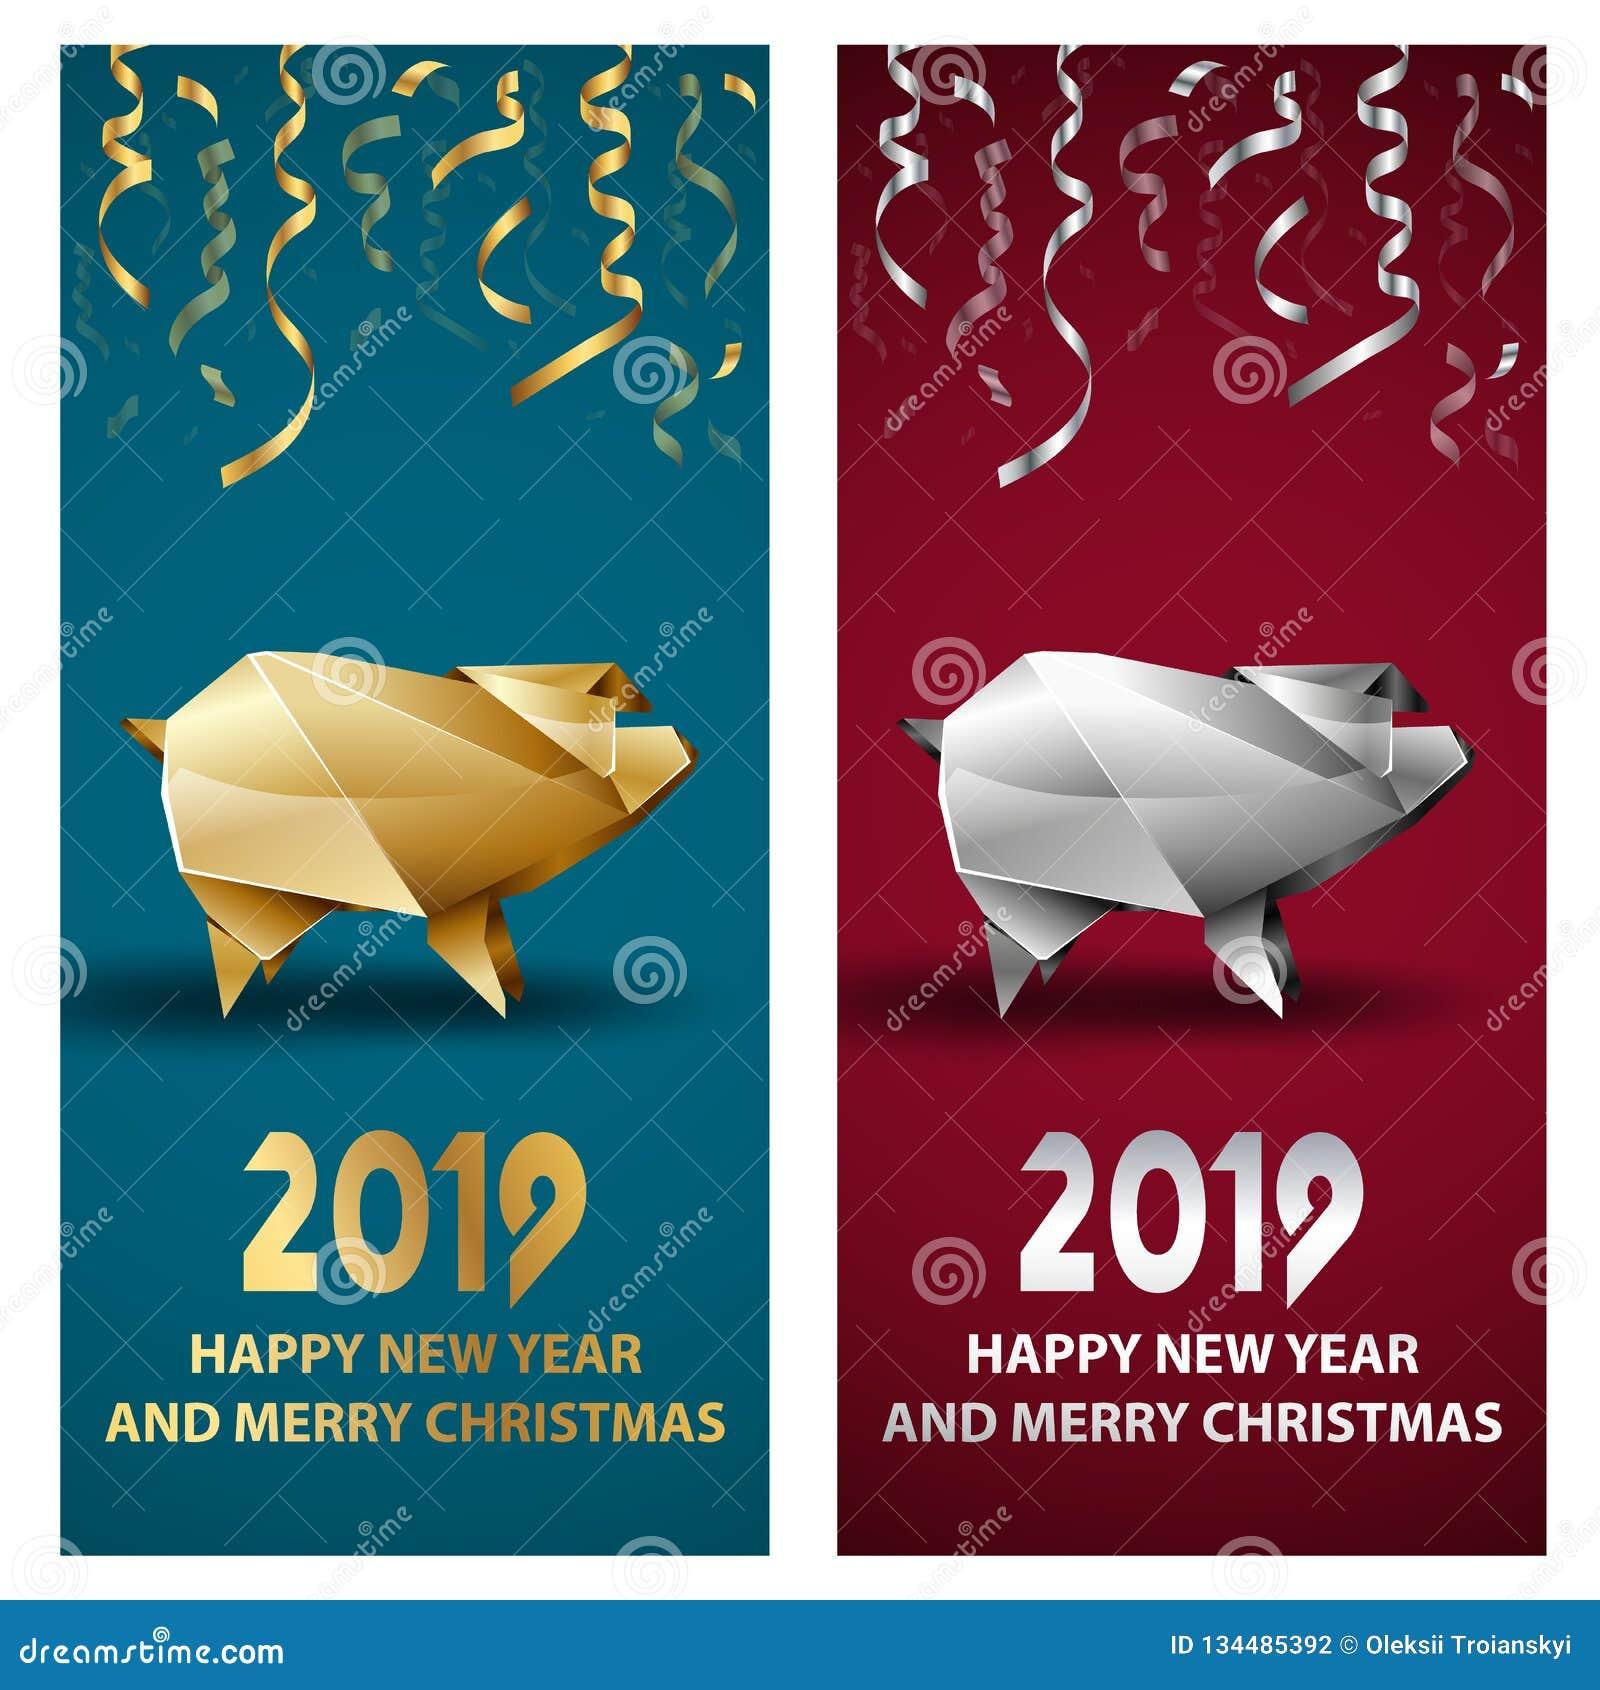 Cerdo de oro y de plata como símbolo del Año Nuevo chino 2019